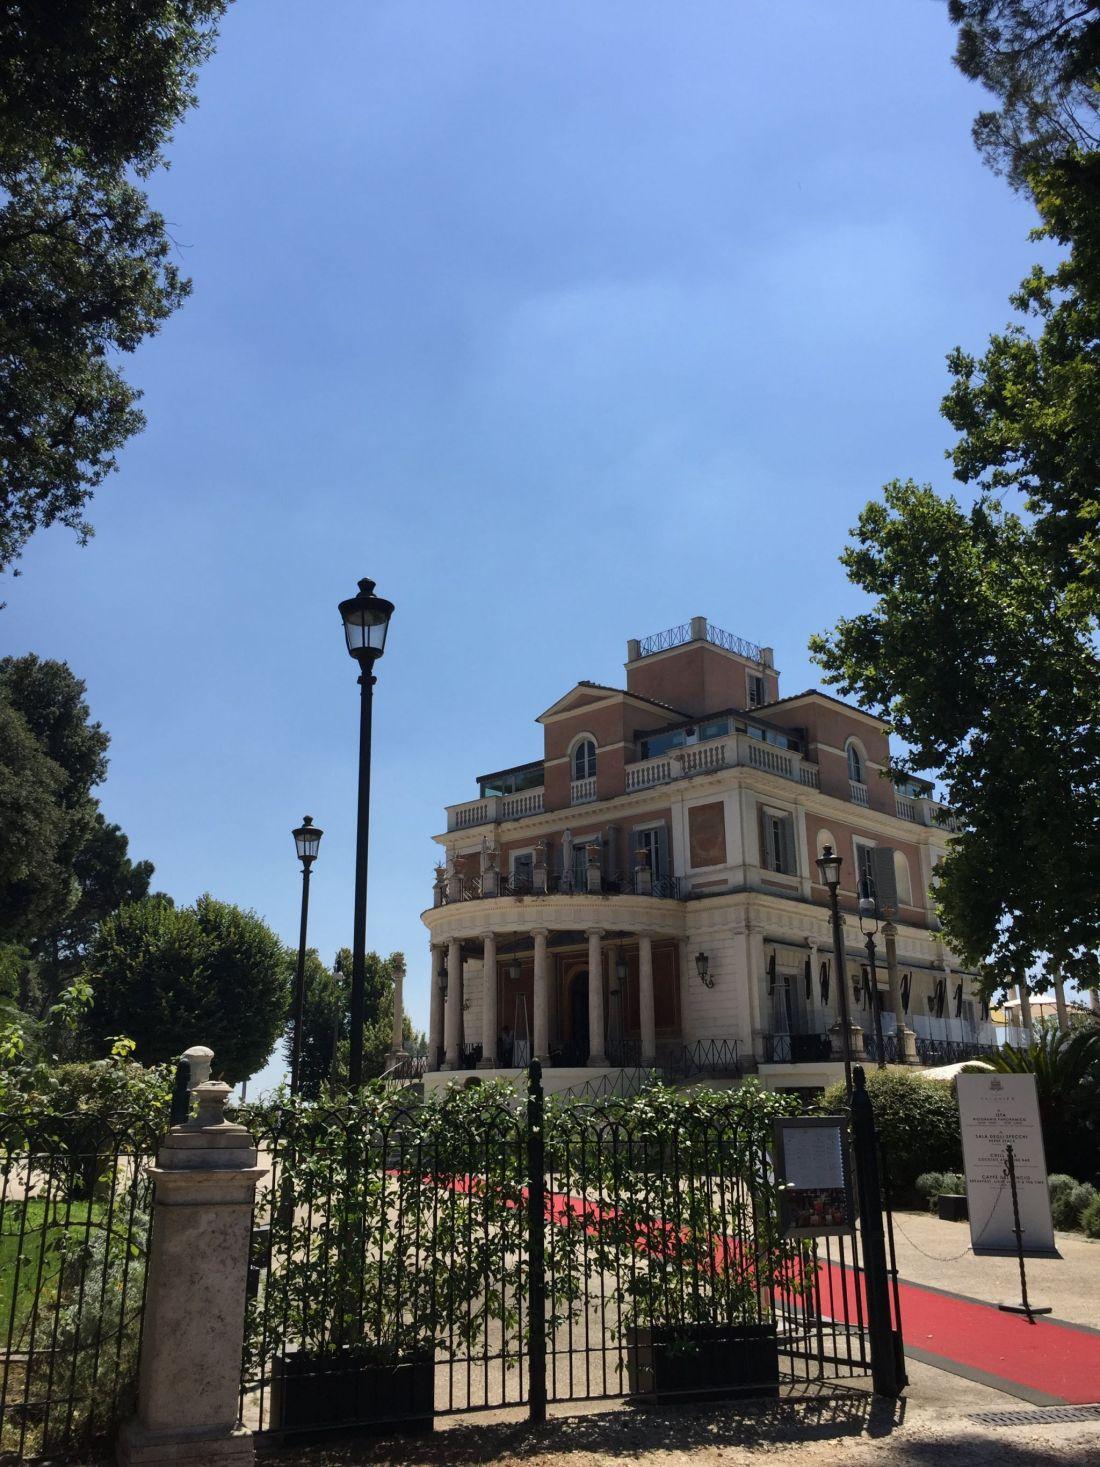 Casina Validier, Villa Borghese Gardens